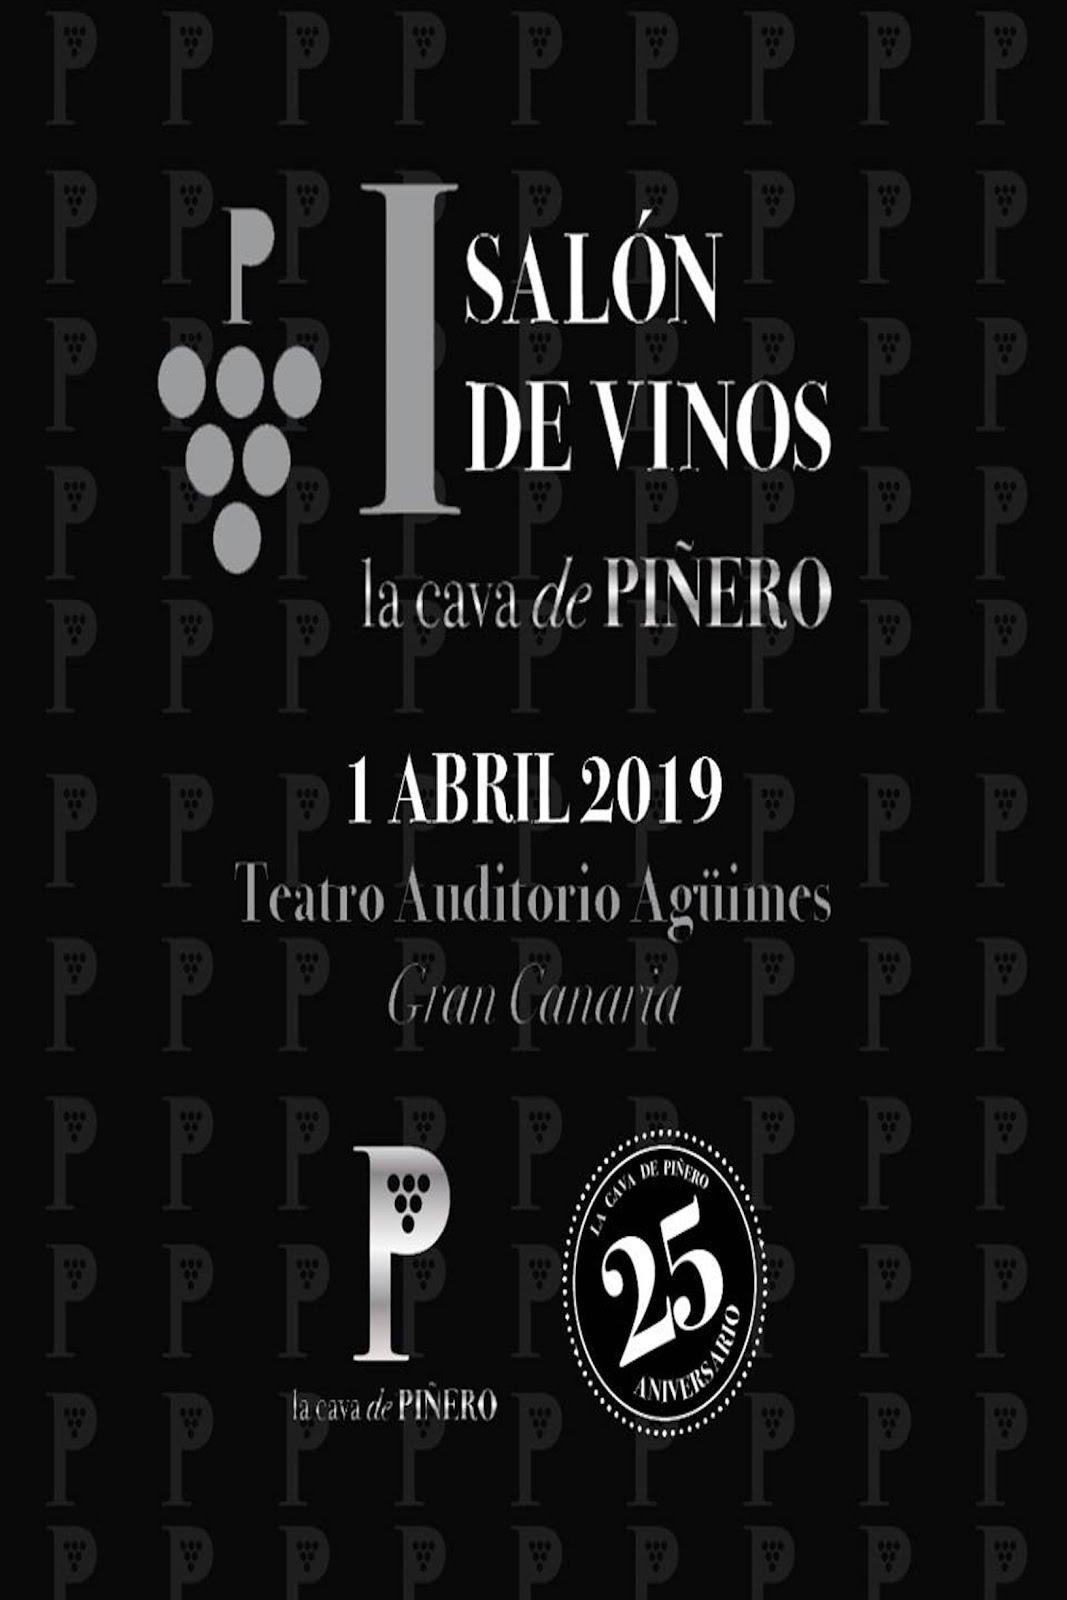 I Salón de Vinos La Cava de Piñero